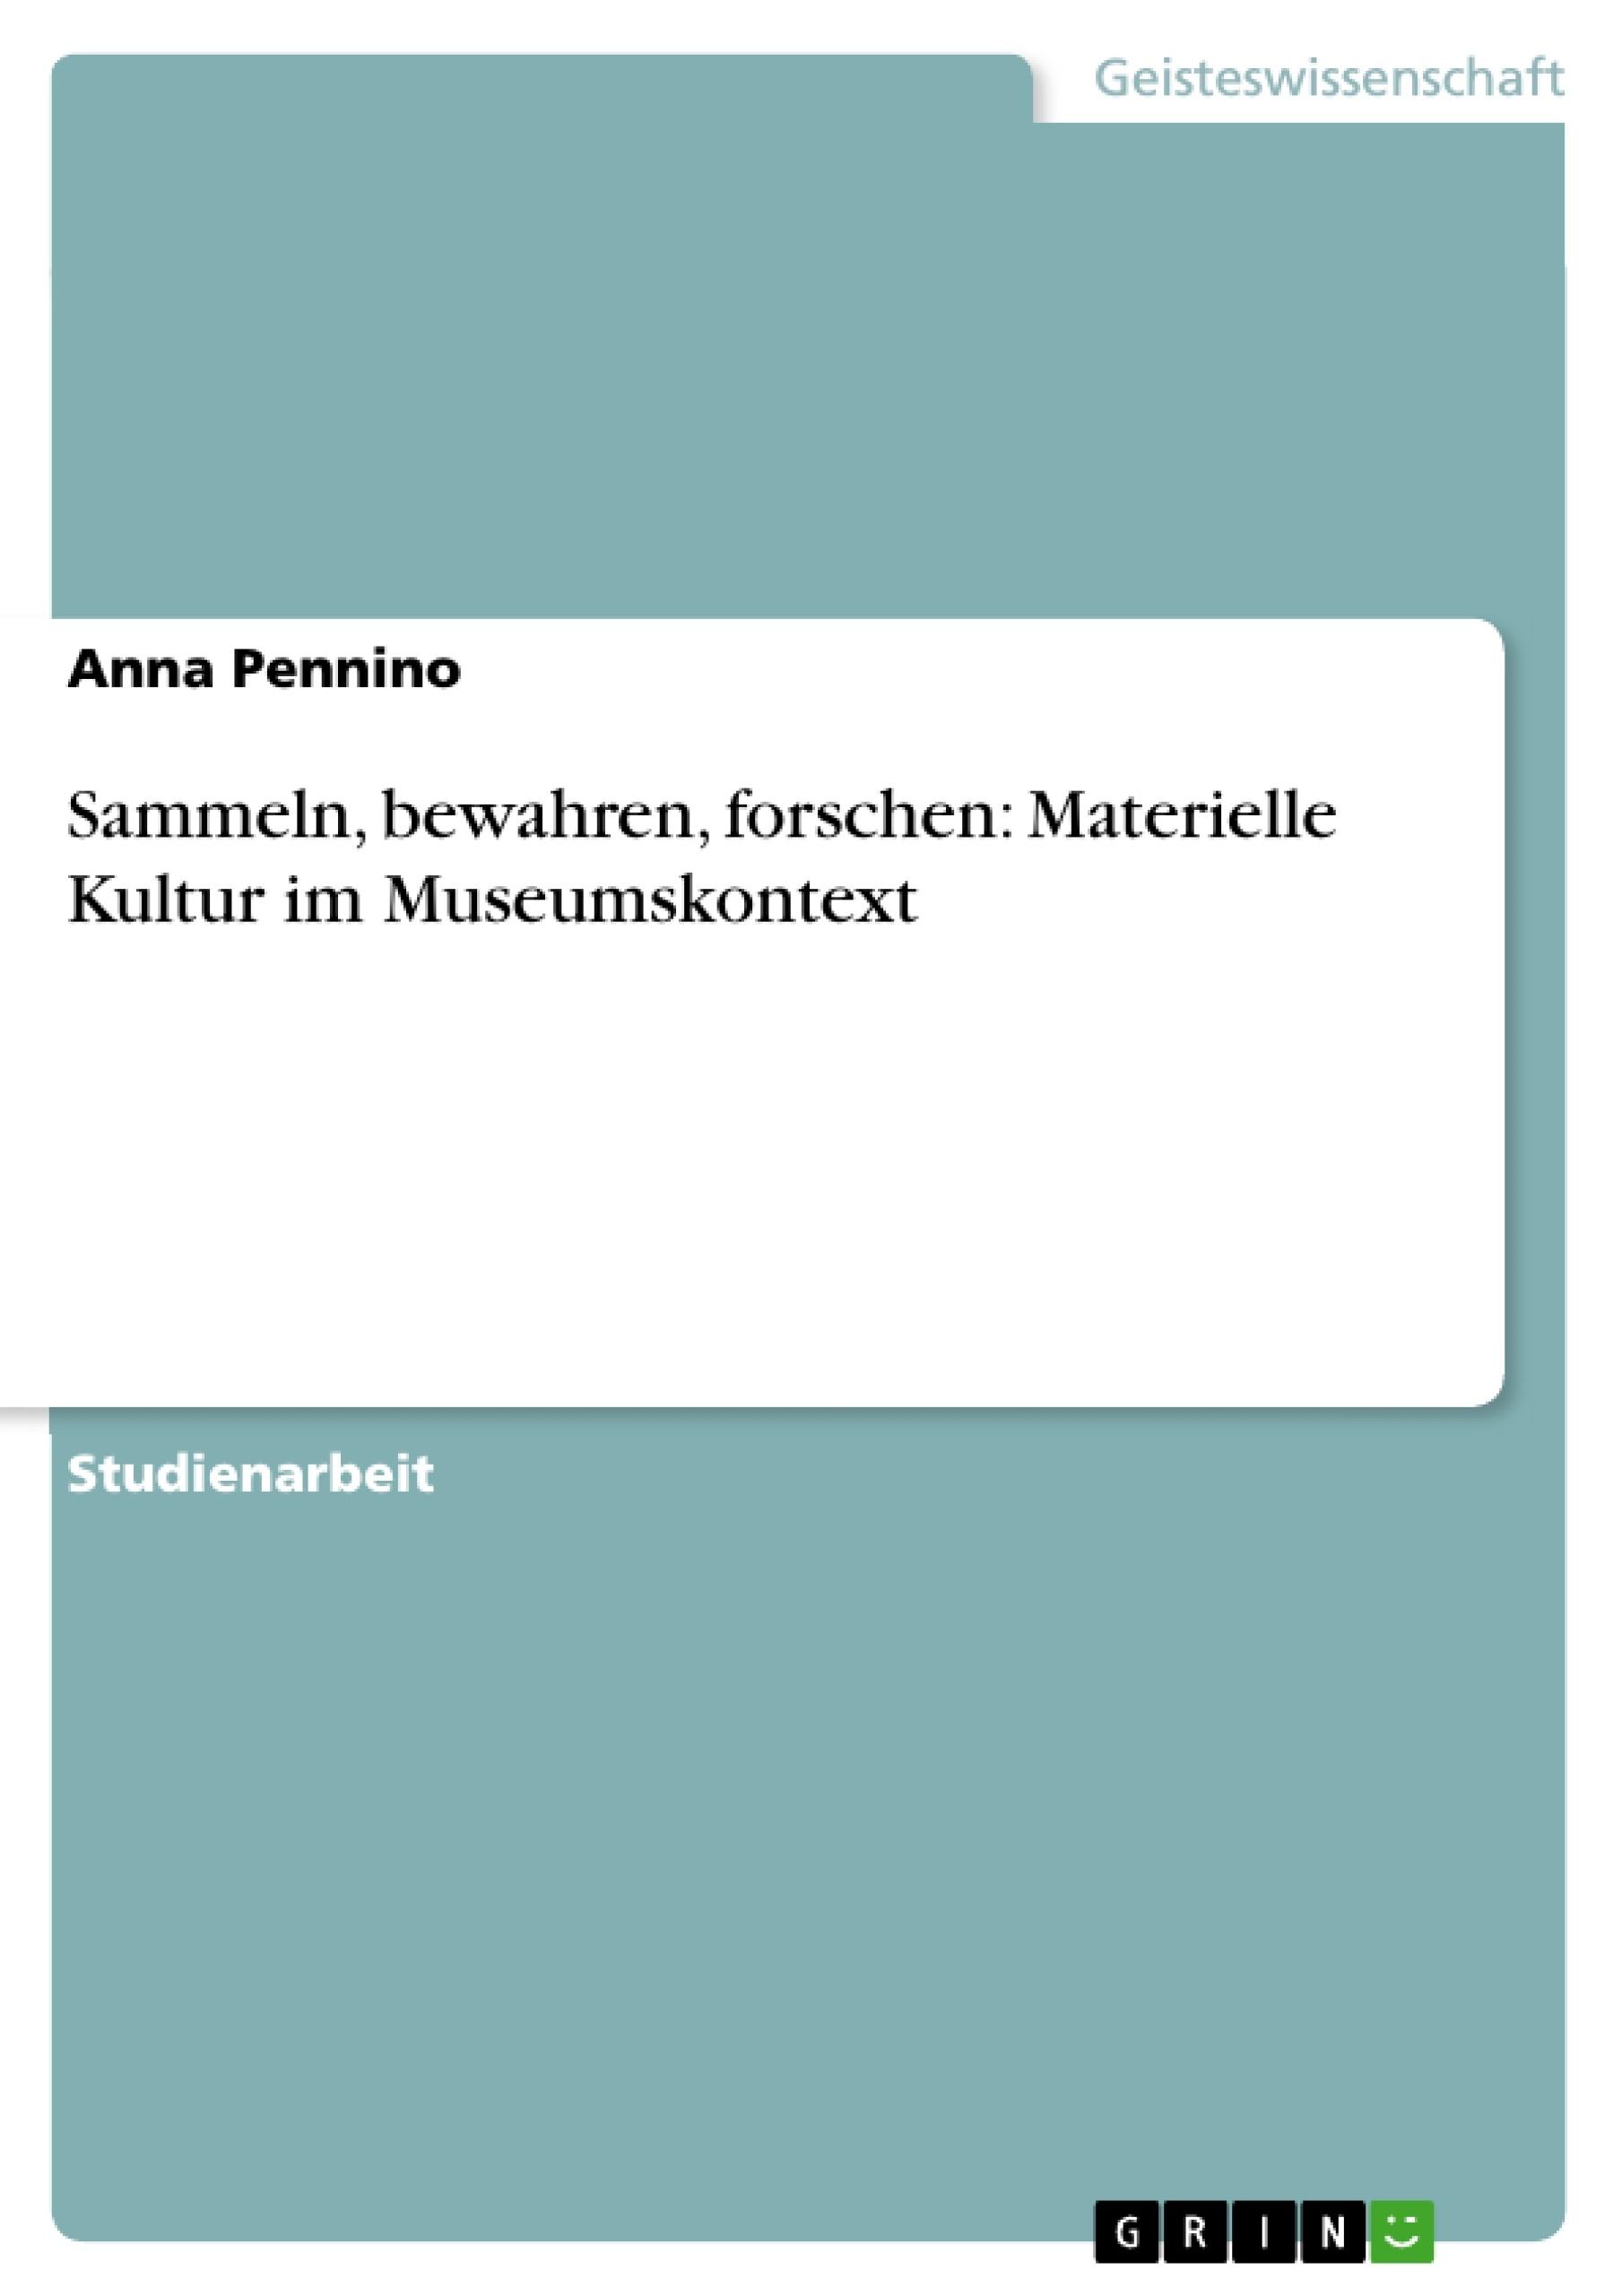 Titel: Sammeln, bewahren, forschen: Materielle Kultur im Museumskontext